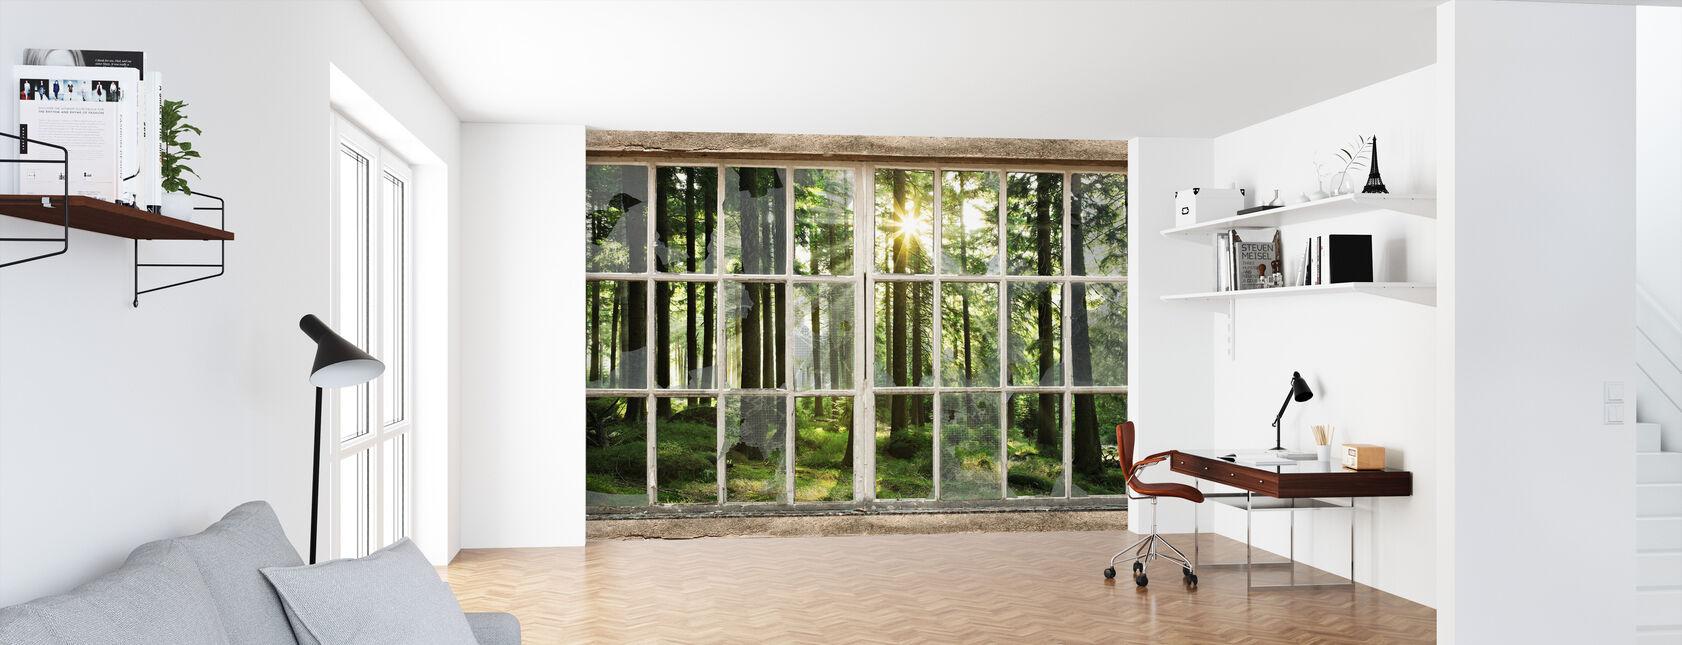 Zonsondergang in bos door gebroken venster - Behang - Kantoor